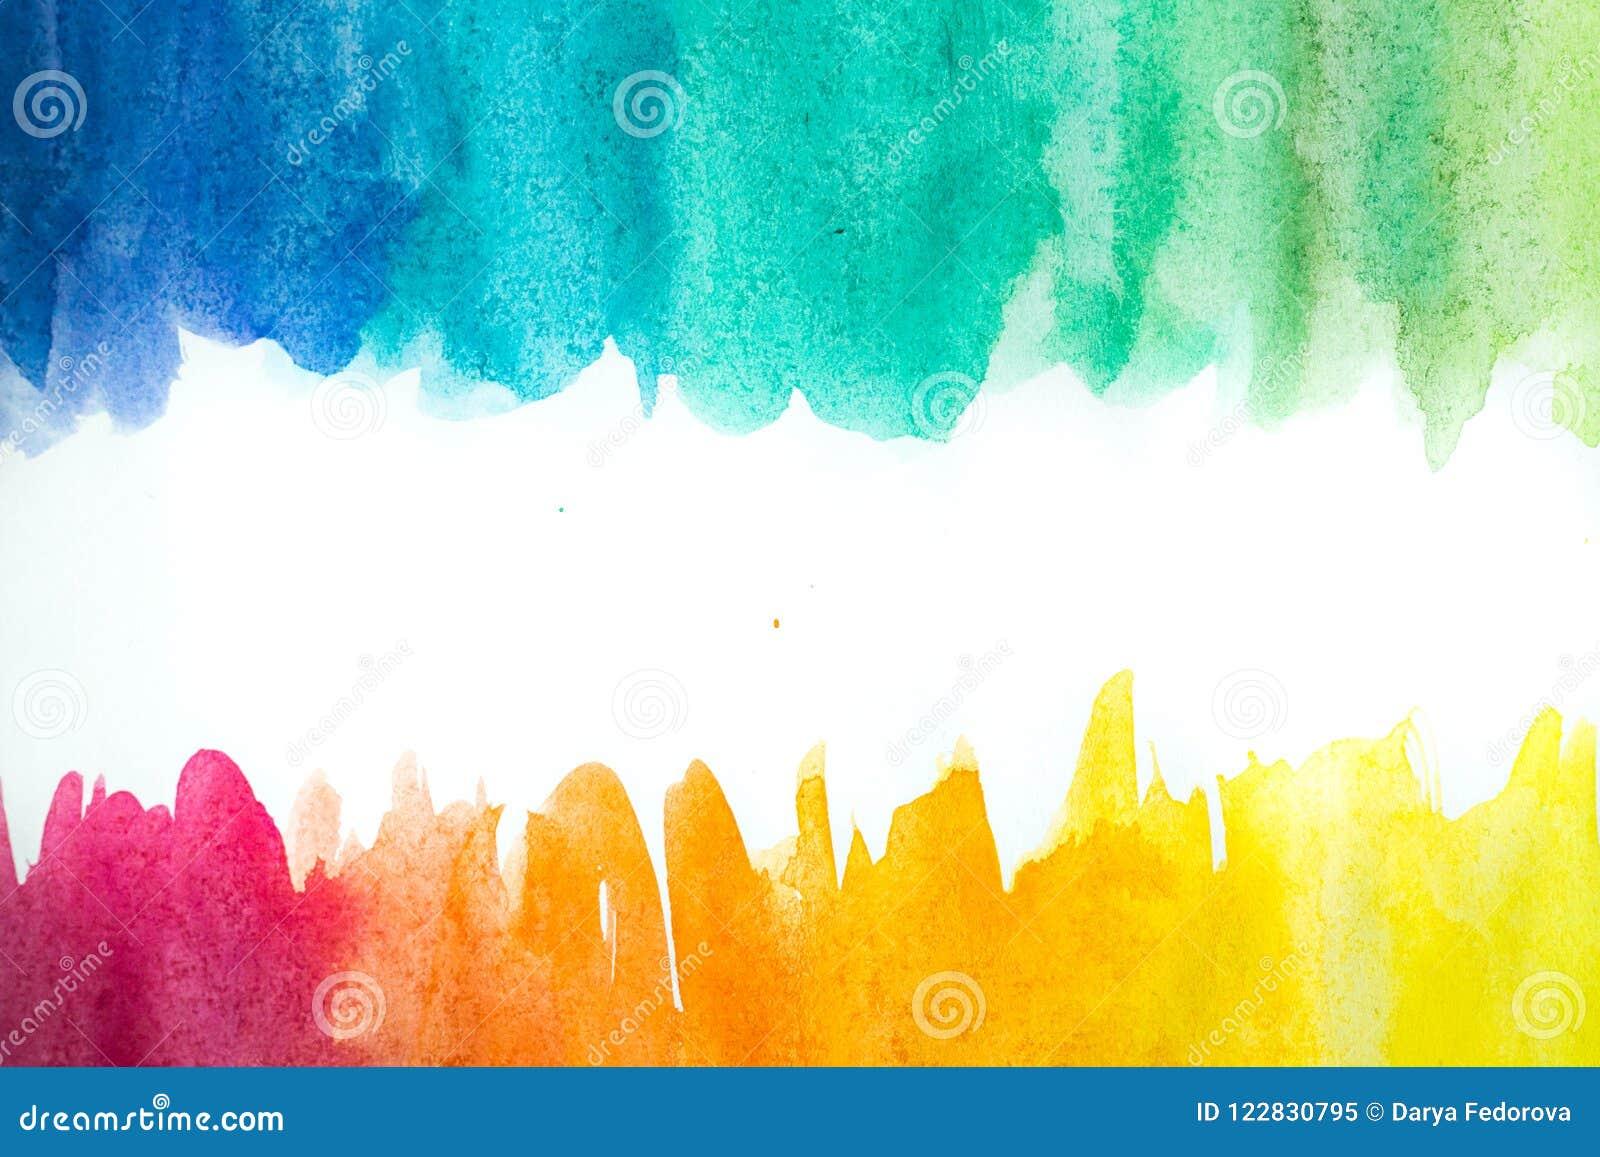 Pittura astratta della mano di arte dell acquerello su fondo bianco Priorità bassa dell acquerello